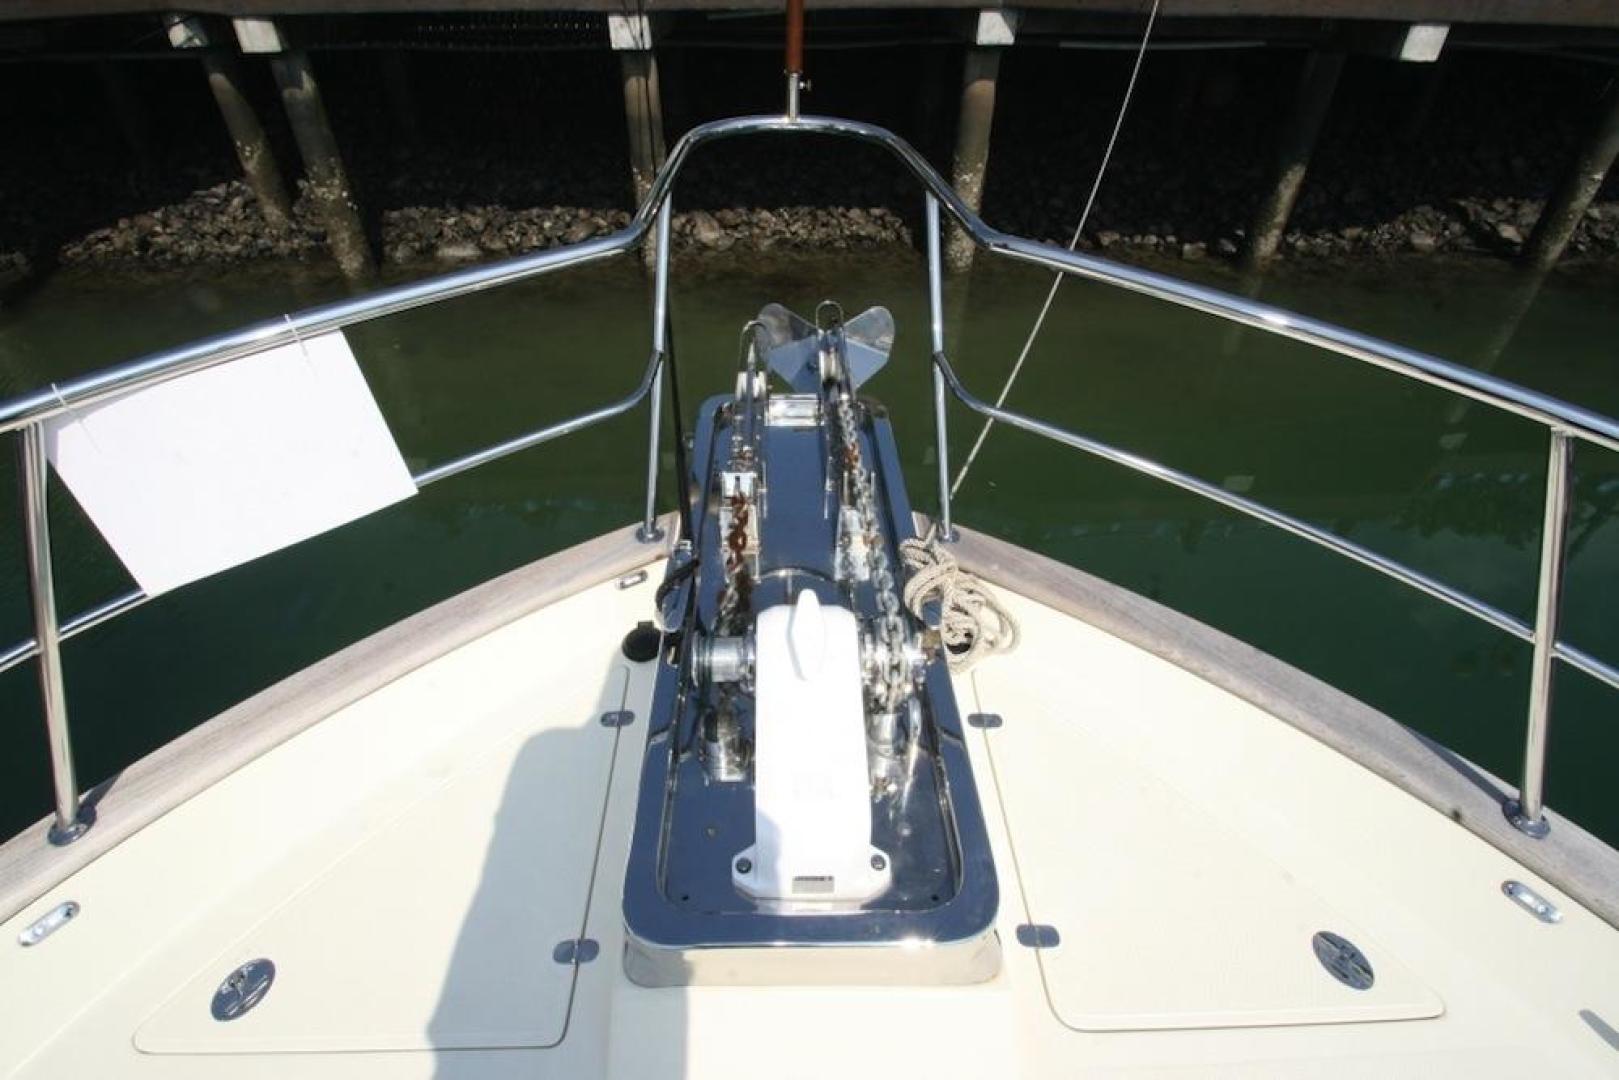 Clipper Motor Yachts-Cordova 52 2011 -Unknown-Singapore-Clipper Motor Yachts Cordova 52-385788 | Thumbnail